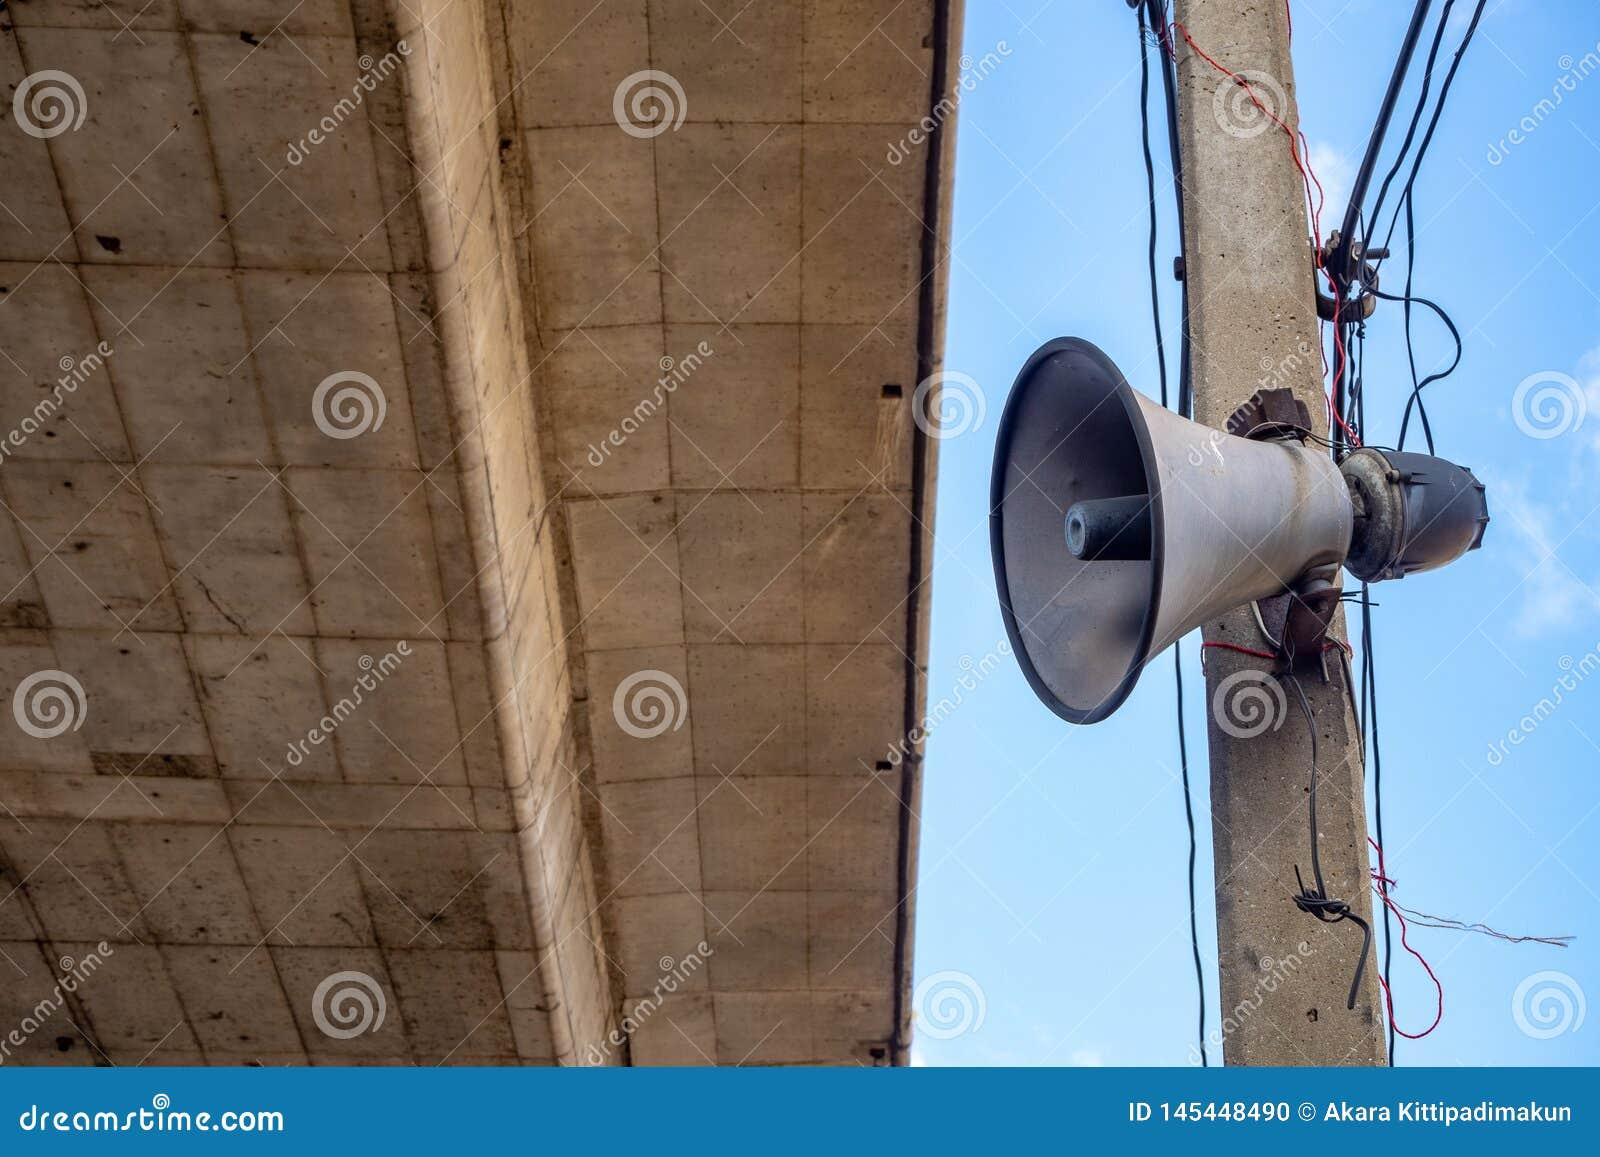 Ομιλητής κέρατων σε ηλεκτρικό POL με τη γέφυρα τσιμέντου και το υπόβαθρο μπλε ουρανού